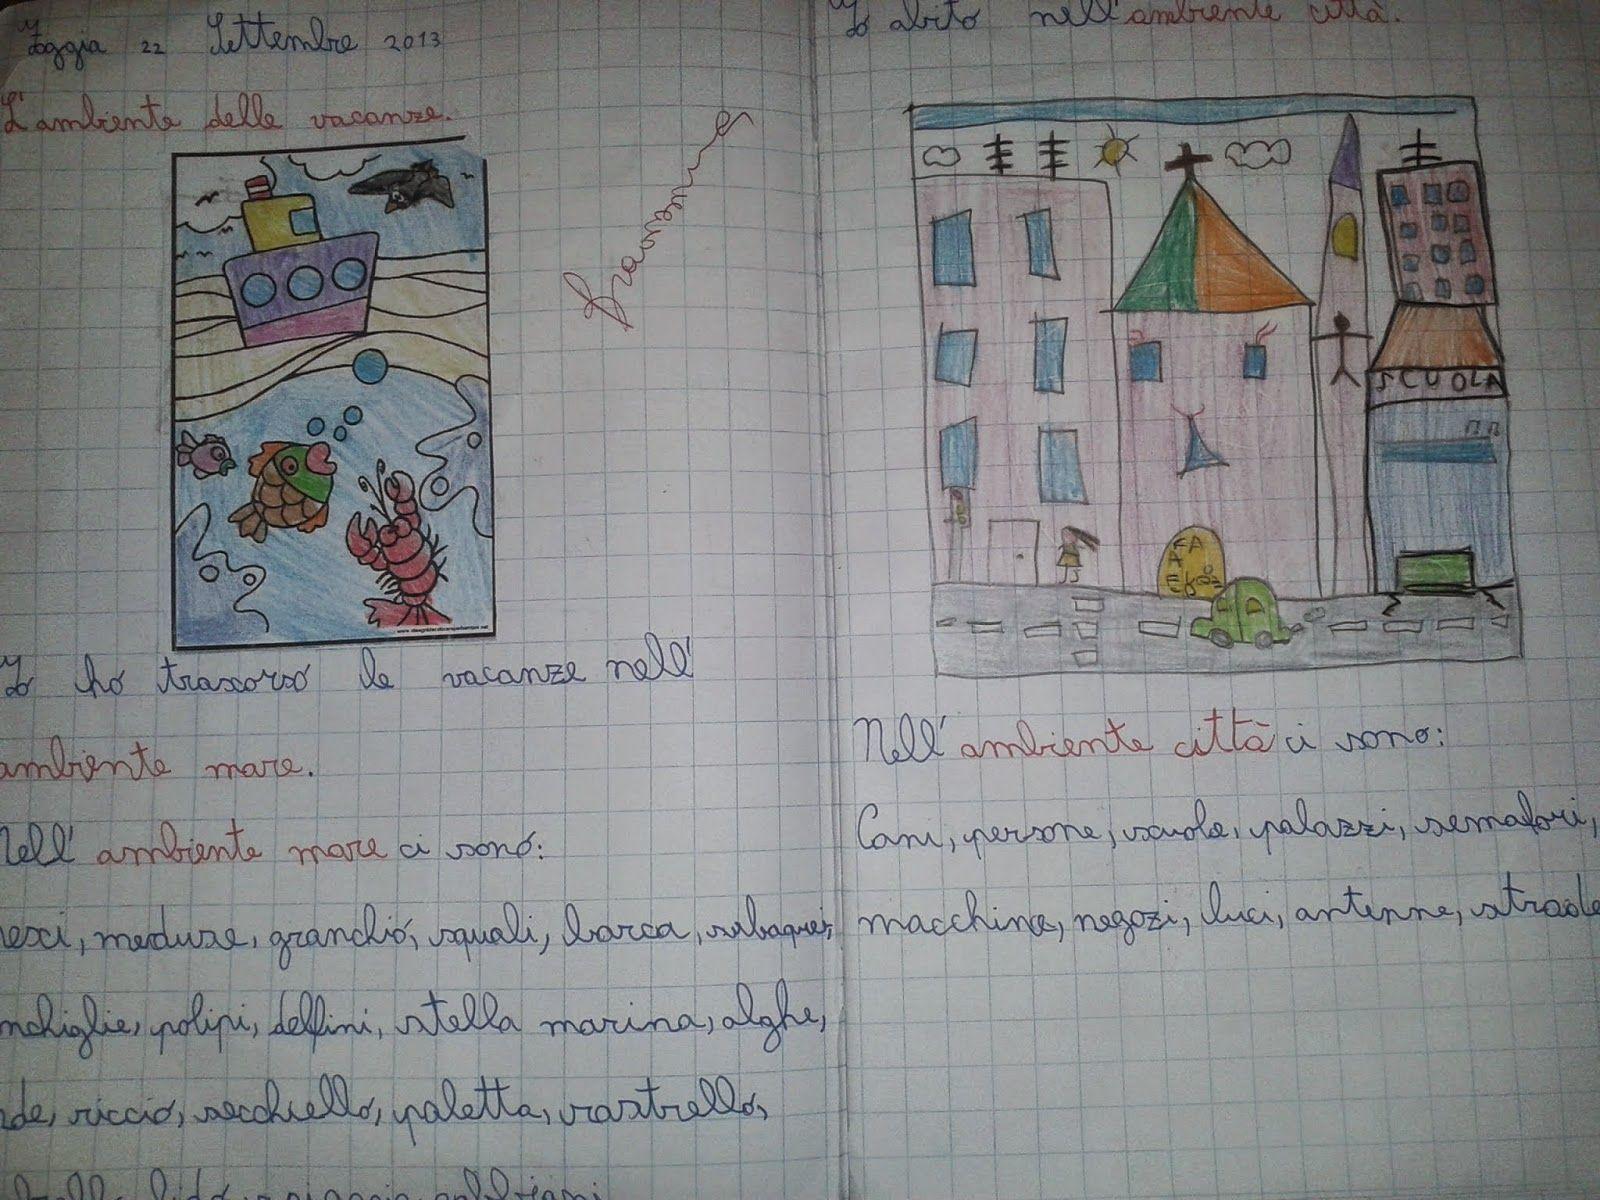 LA MAESTRA MARIA TI SALUTA: Quaderno Di Geografia Classe 2